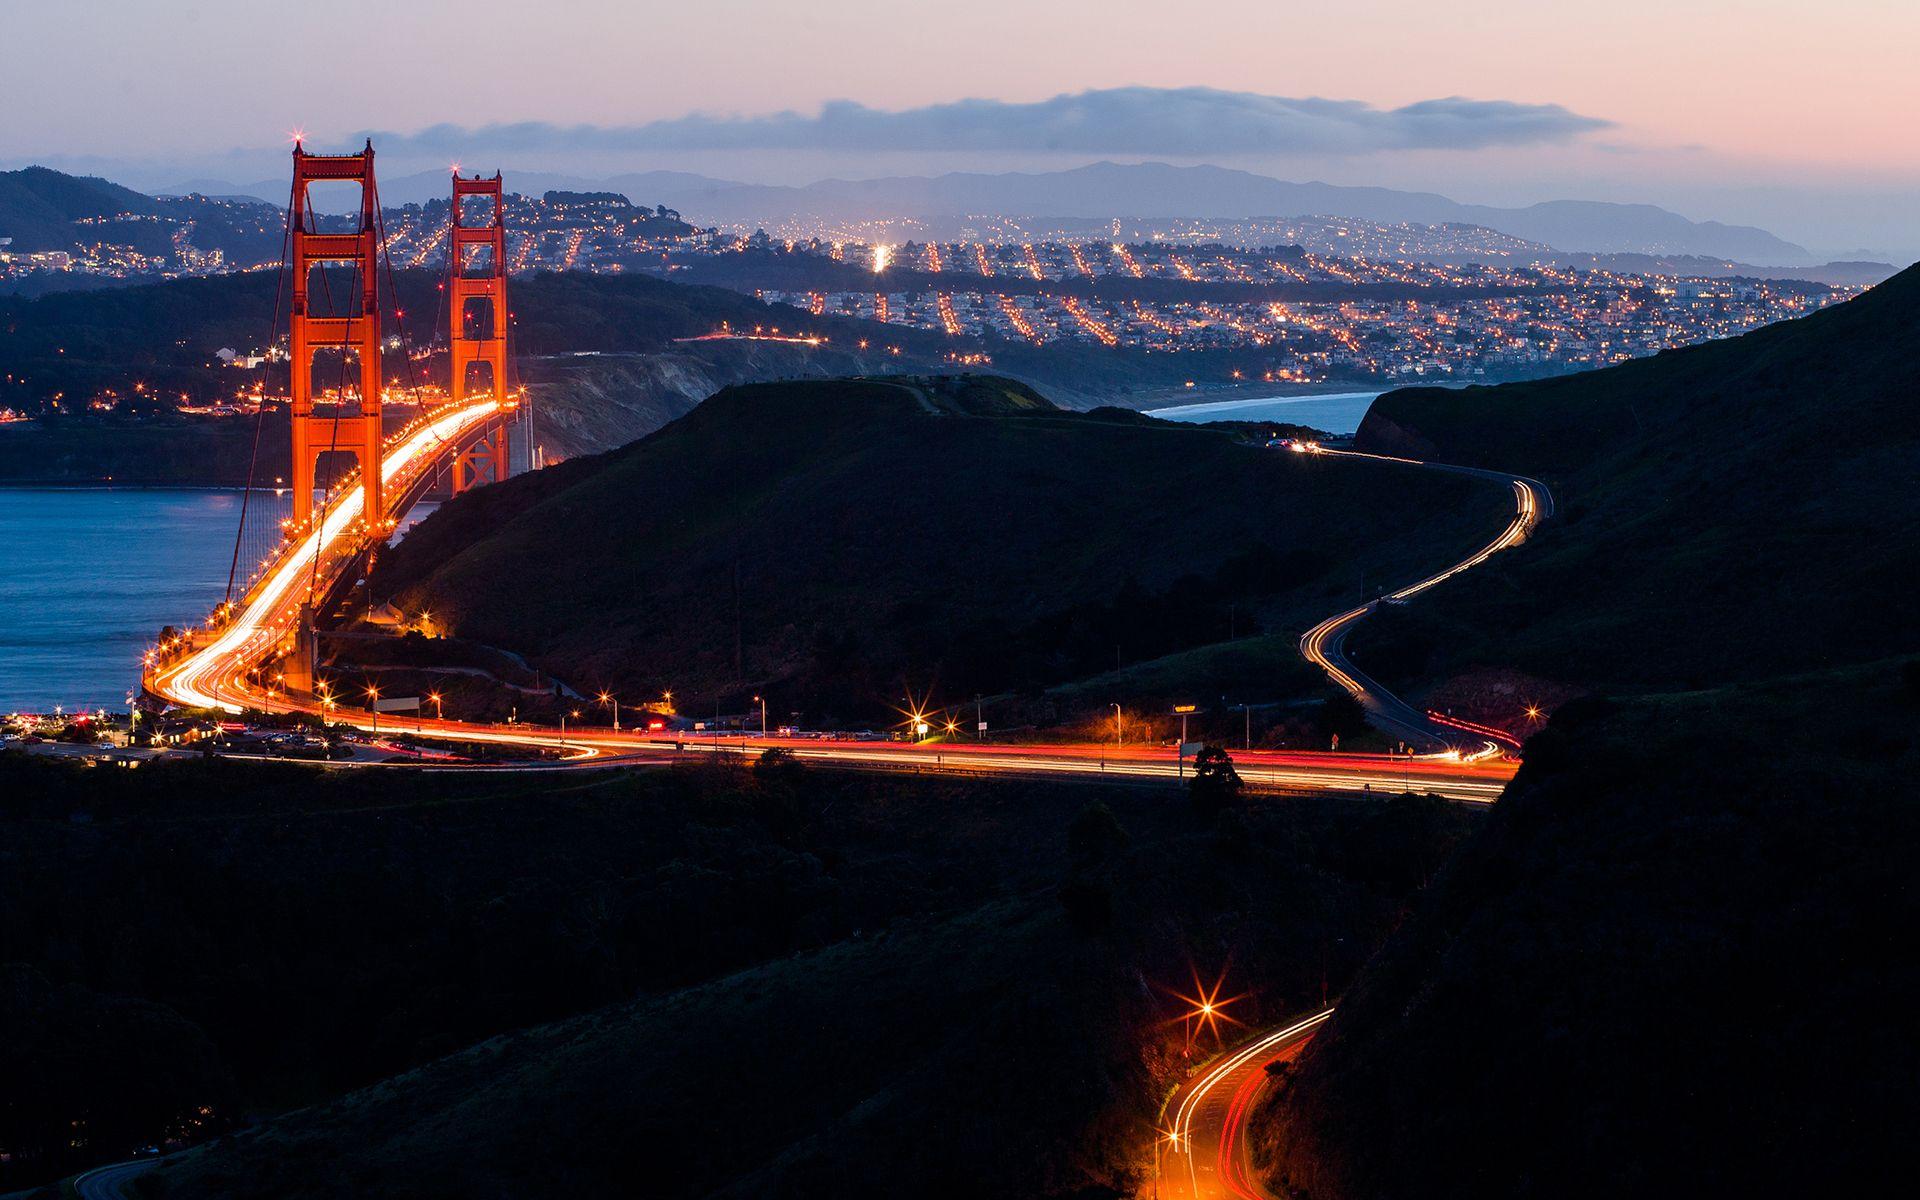 Best Wallpaper Night Golden Gate Bridge - fbd6109a1bfee49ec8782d4143a4347d  Photograph-195798.jpg